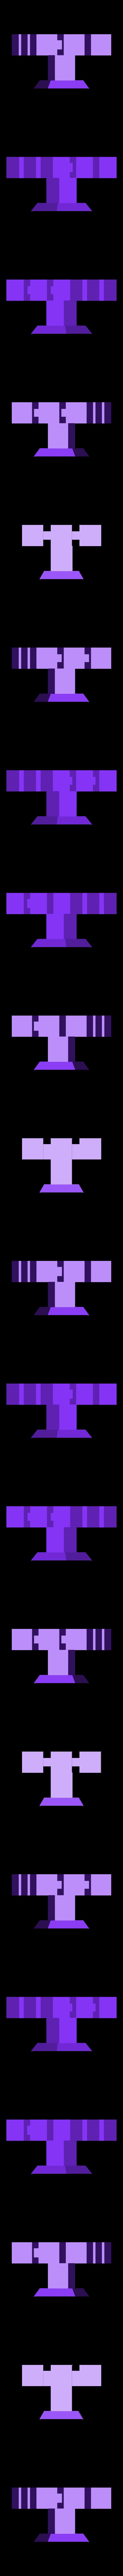 """candelabro de 9i.STL Télécharger fichier STL gratuit Candélabre """"Prometheus"""" Réversible • Modèle imprimable en 3D, memoretirado"""